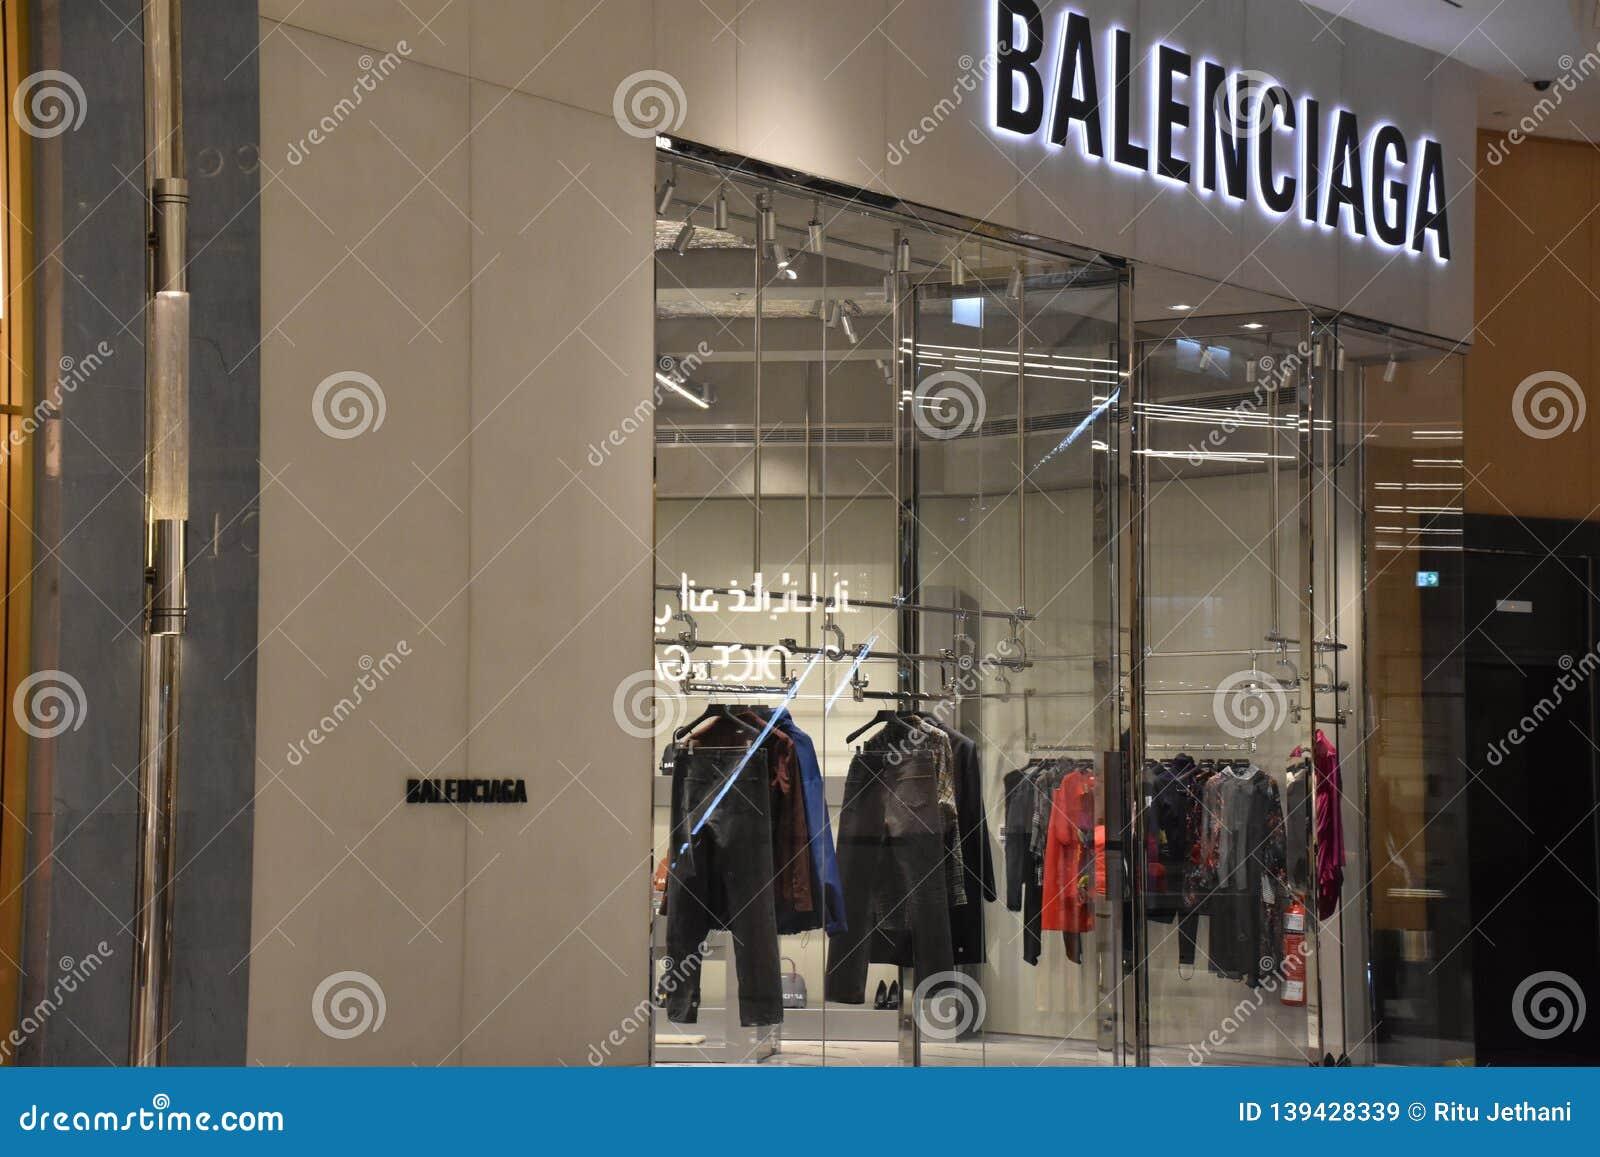 db2c4285b460 Balenciaga At Fashion Avenue At Dubai Mall In Dubai